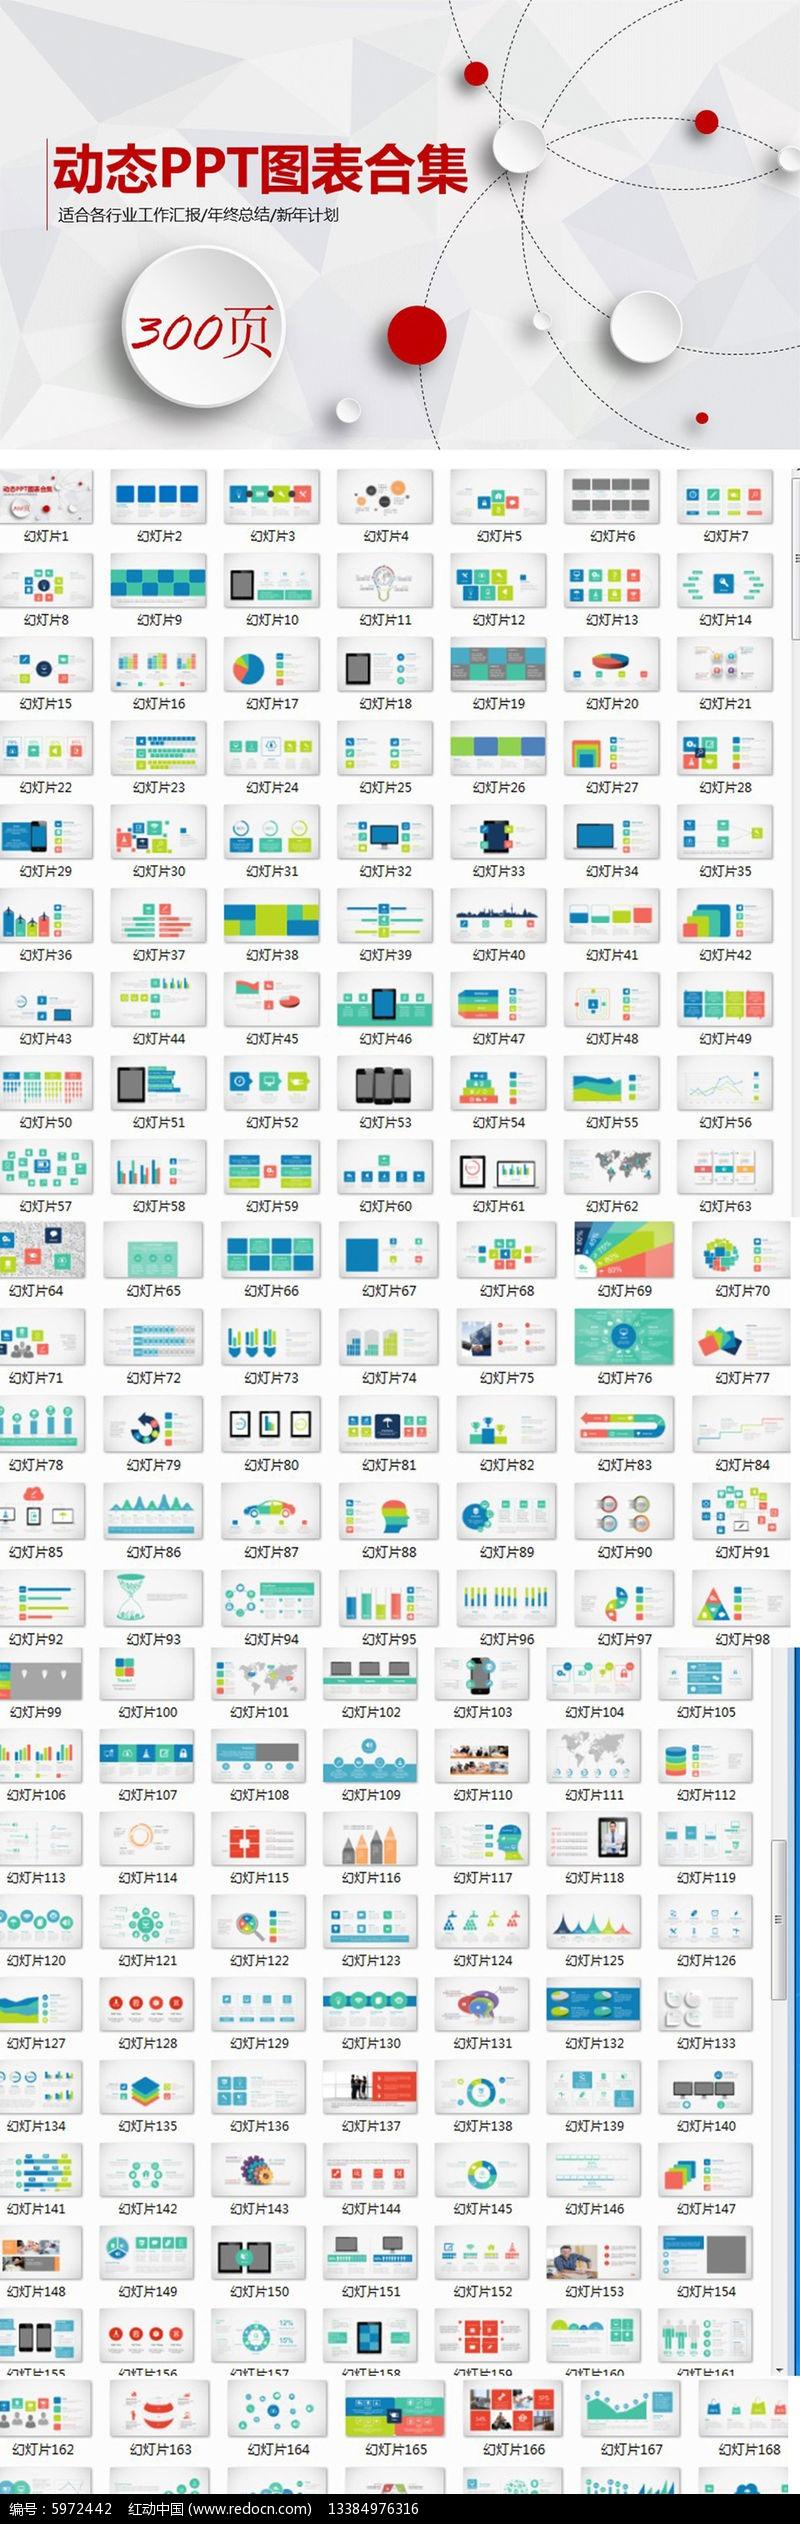 欧美商务风格简约的ppt图表元素模板下载